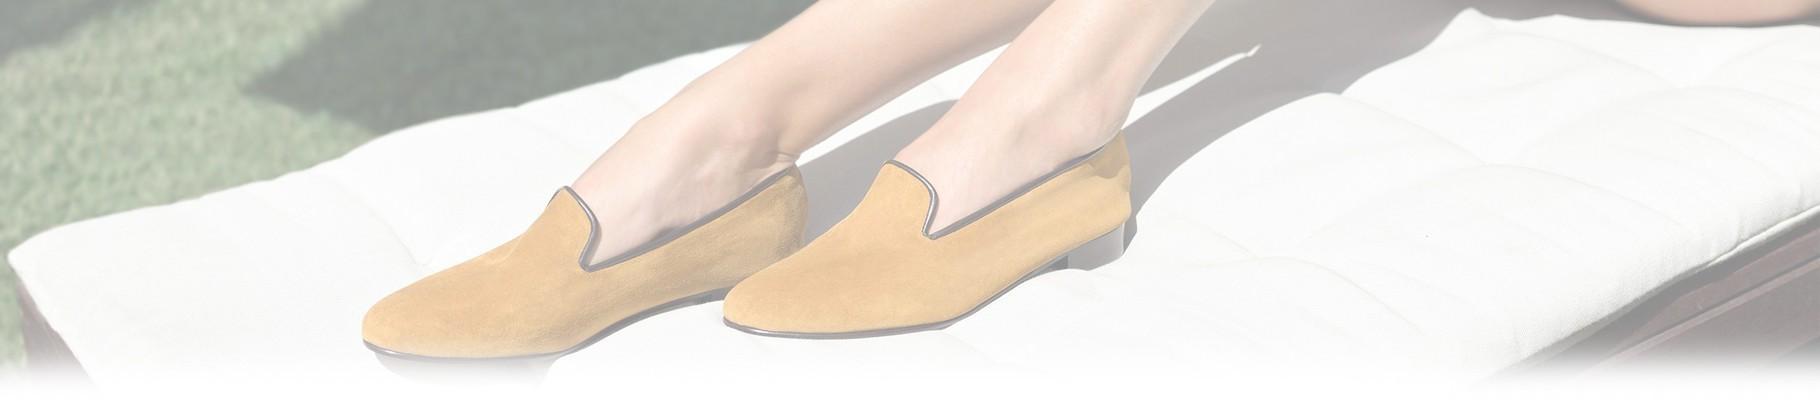 La scarpa mocassino da donna è il perfetto connubio casual